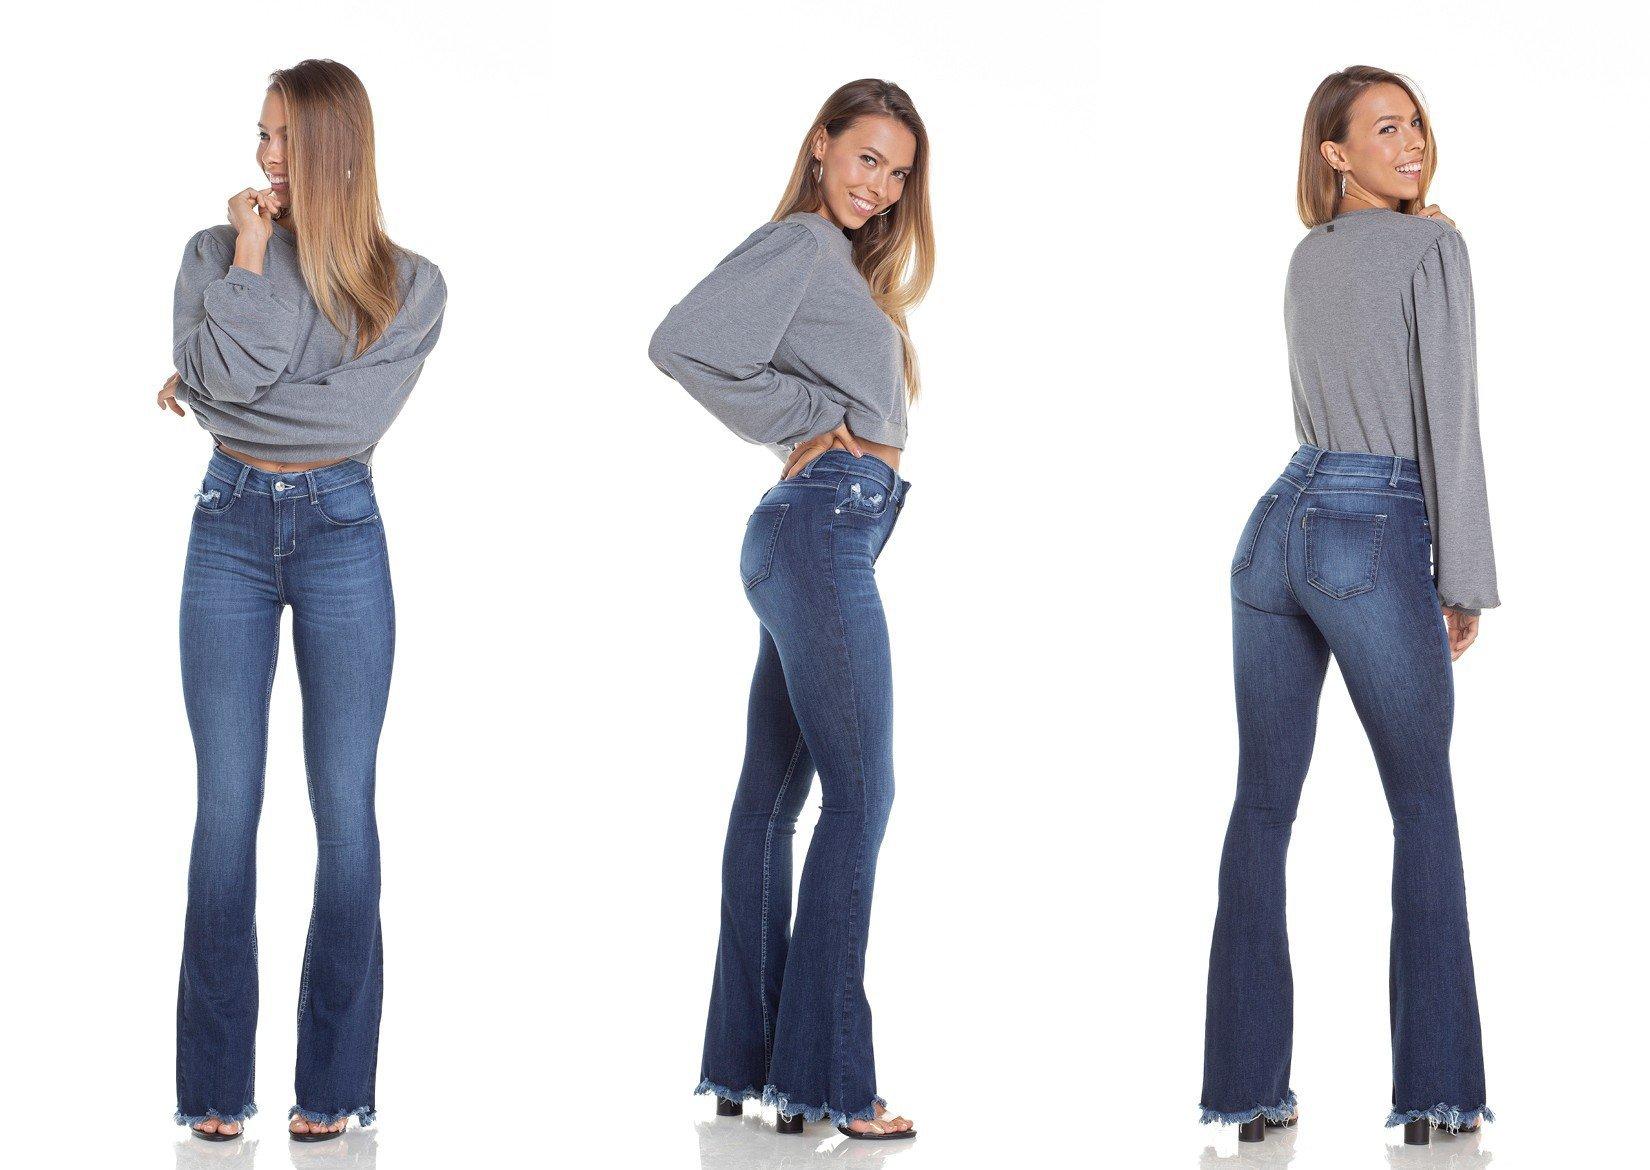 a5f41ef03 dz2949 calca jeans flare media com bigodes tripla denim zero